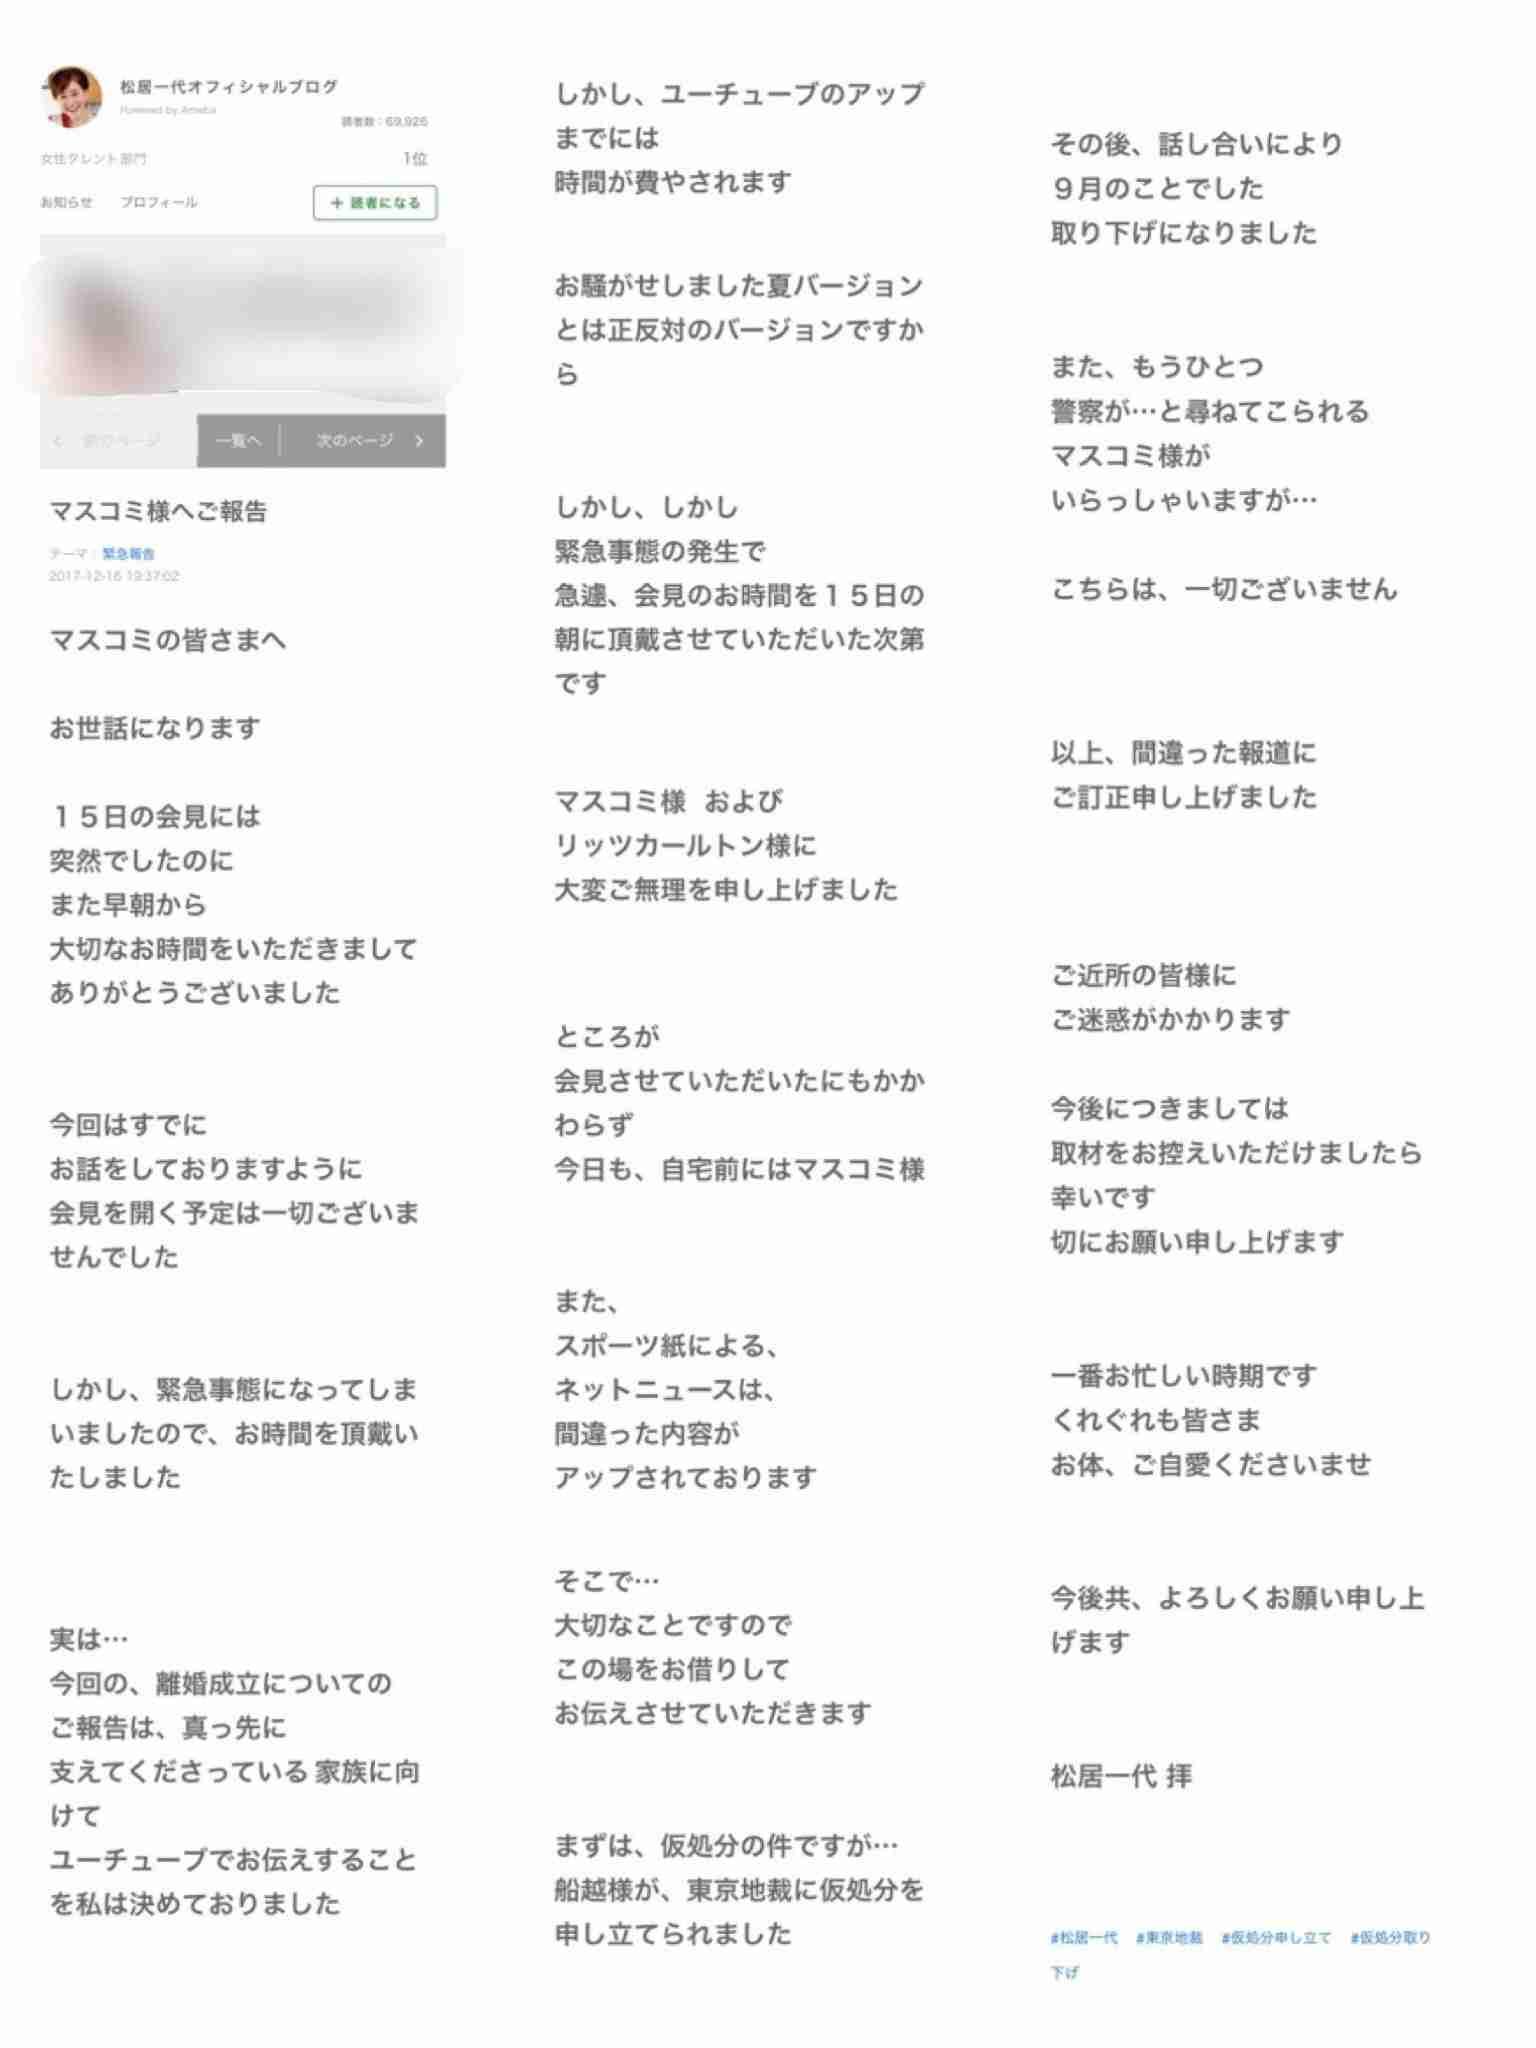 船越英一郎、松居一代への民事訴訟取り下げ…誹謗中傷しないとの約束受け